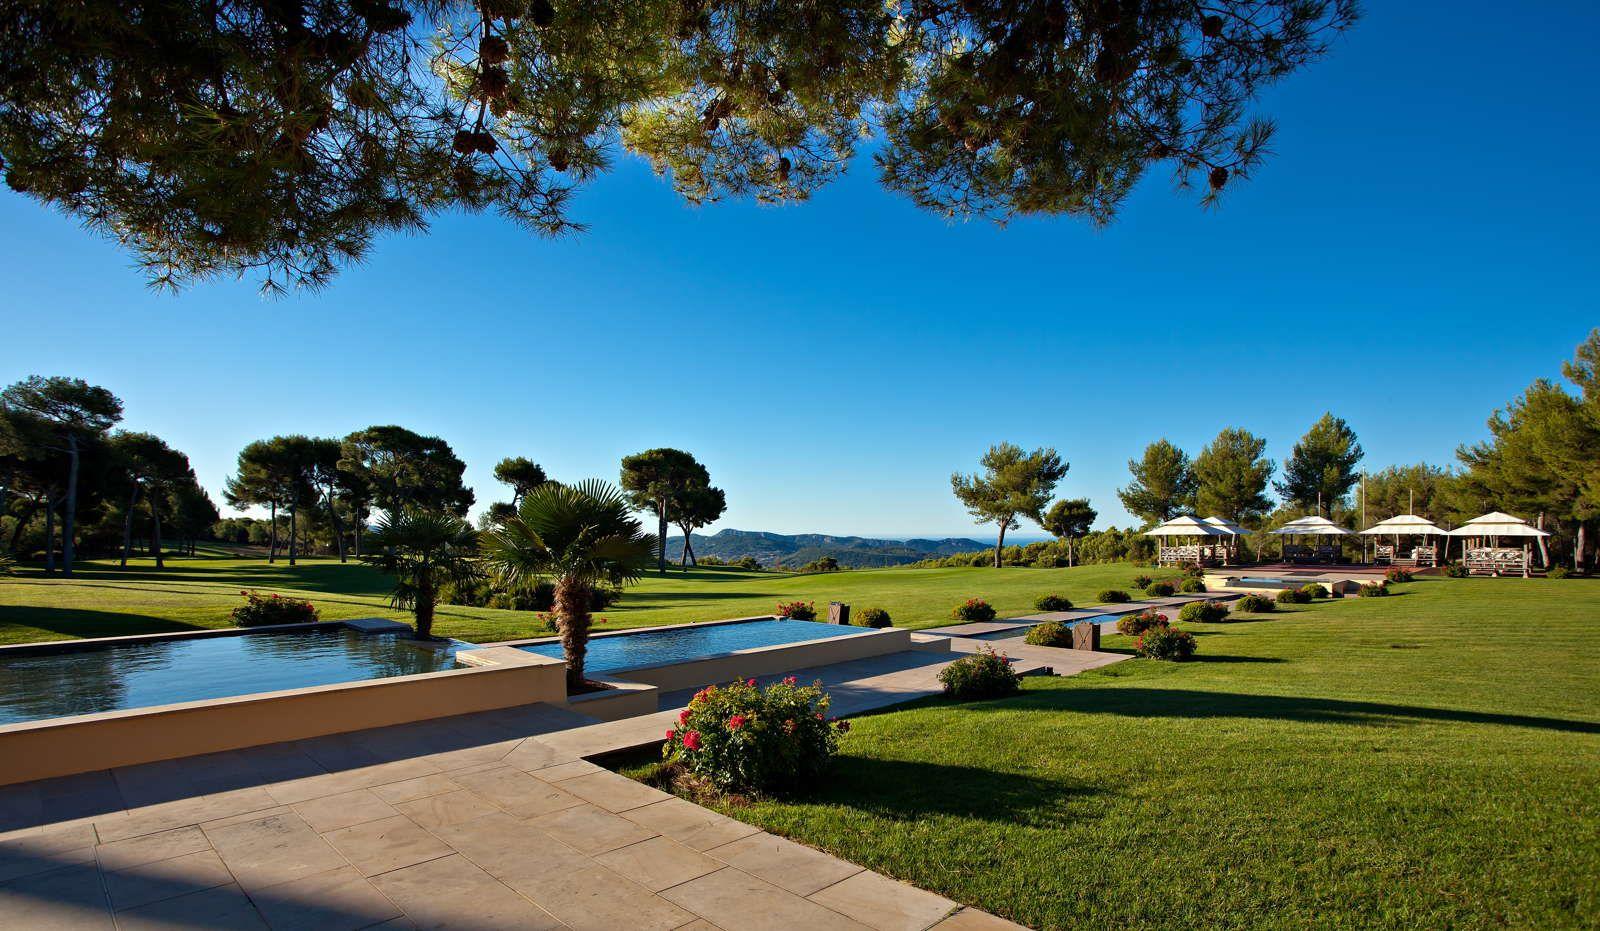 > HOTEL DU CASTELLET SITE OFFICIEL HOTEL SPA LUXE 5